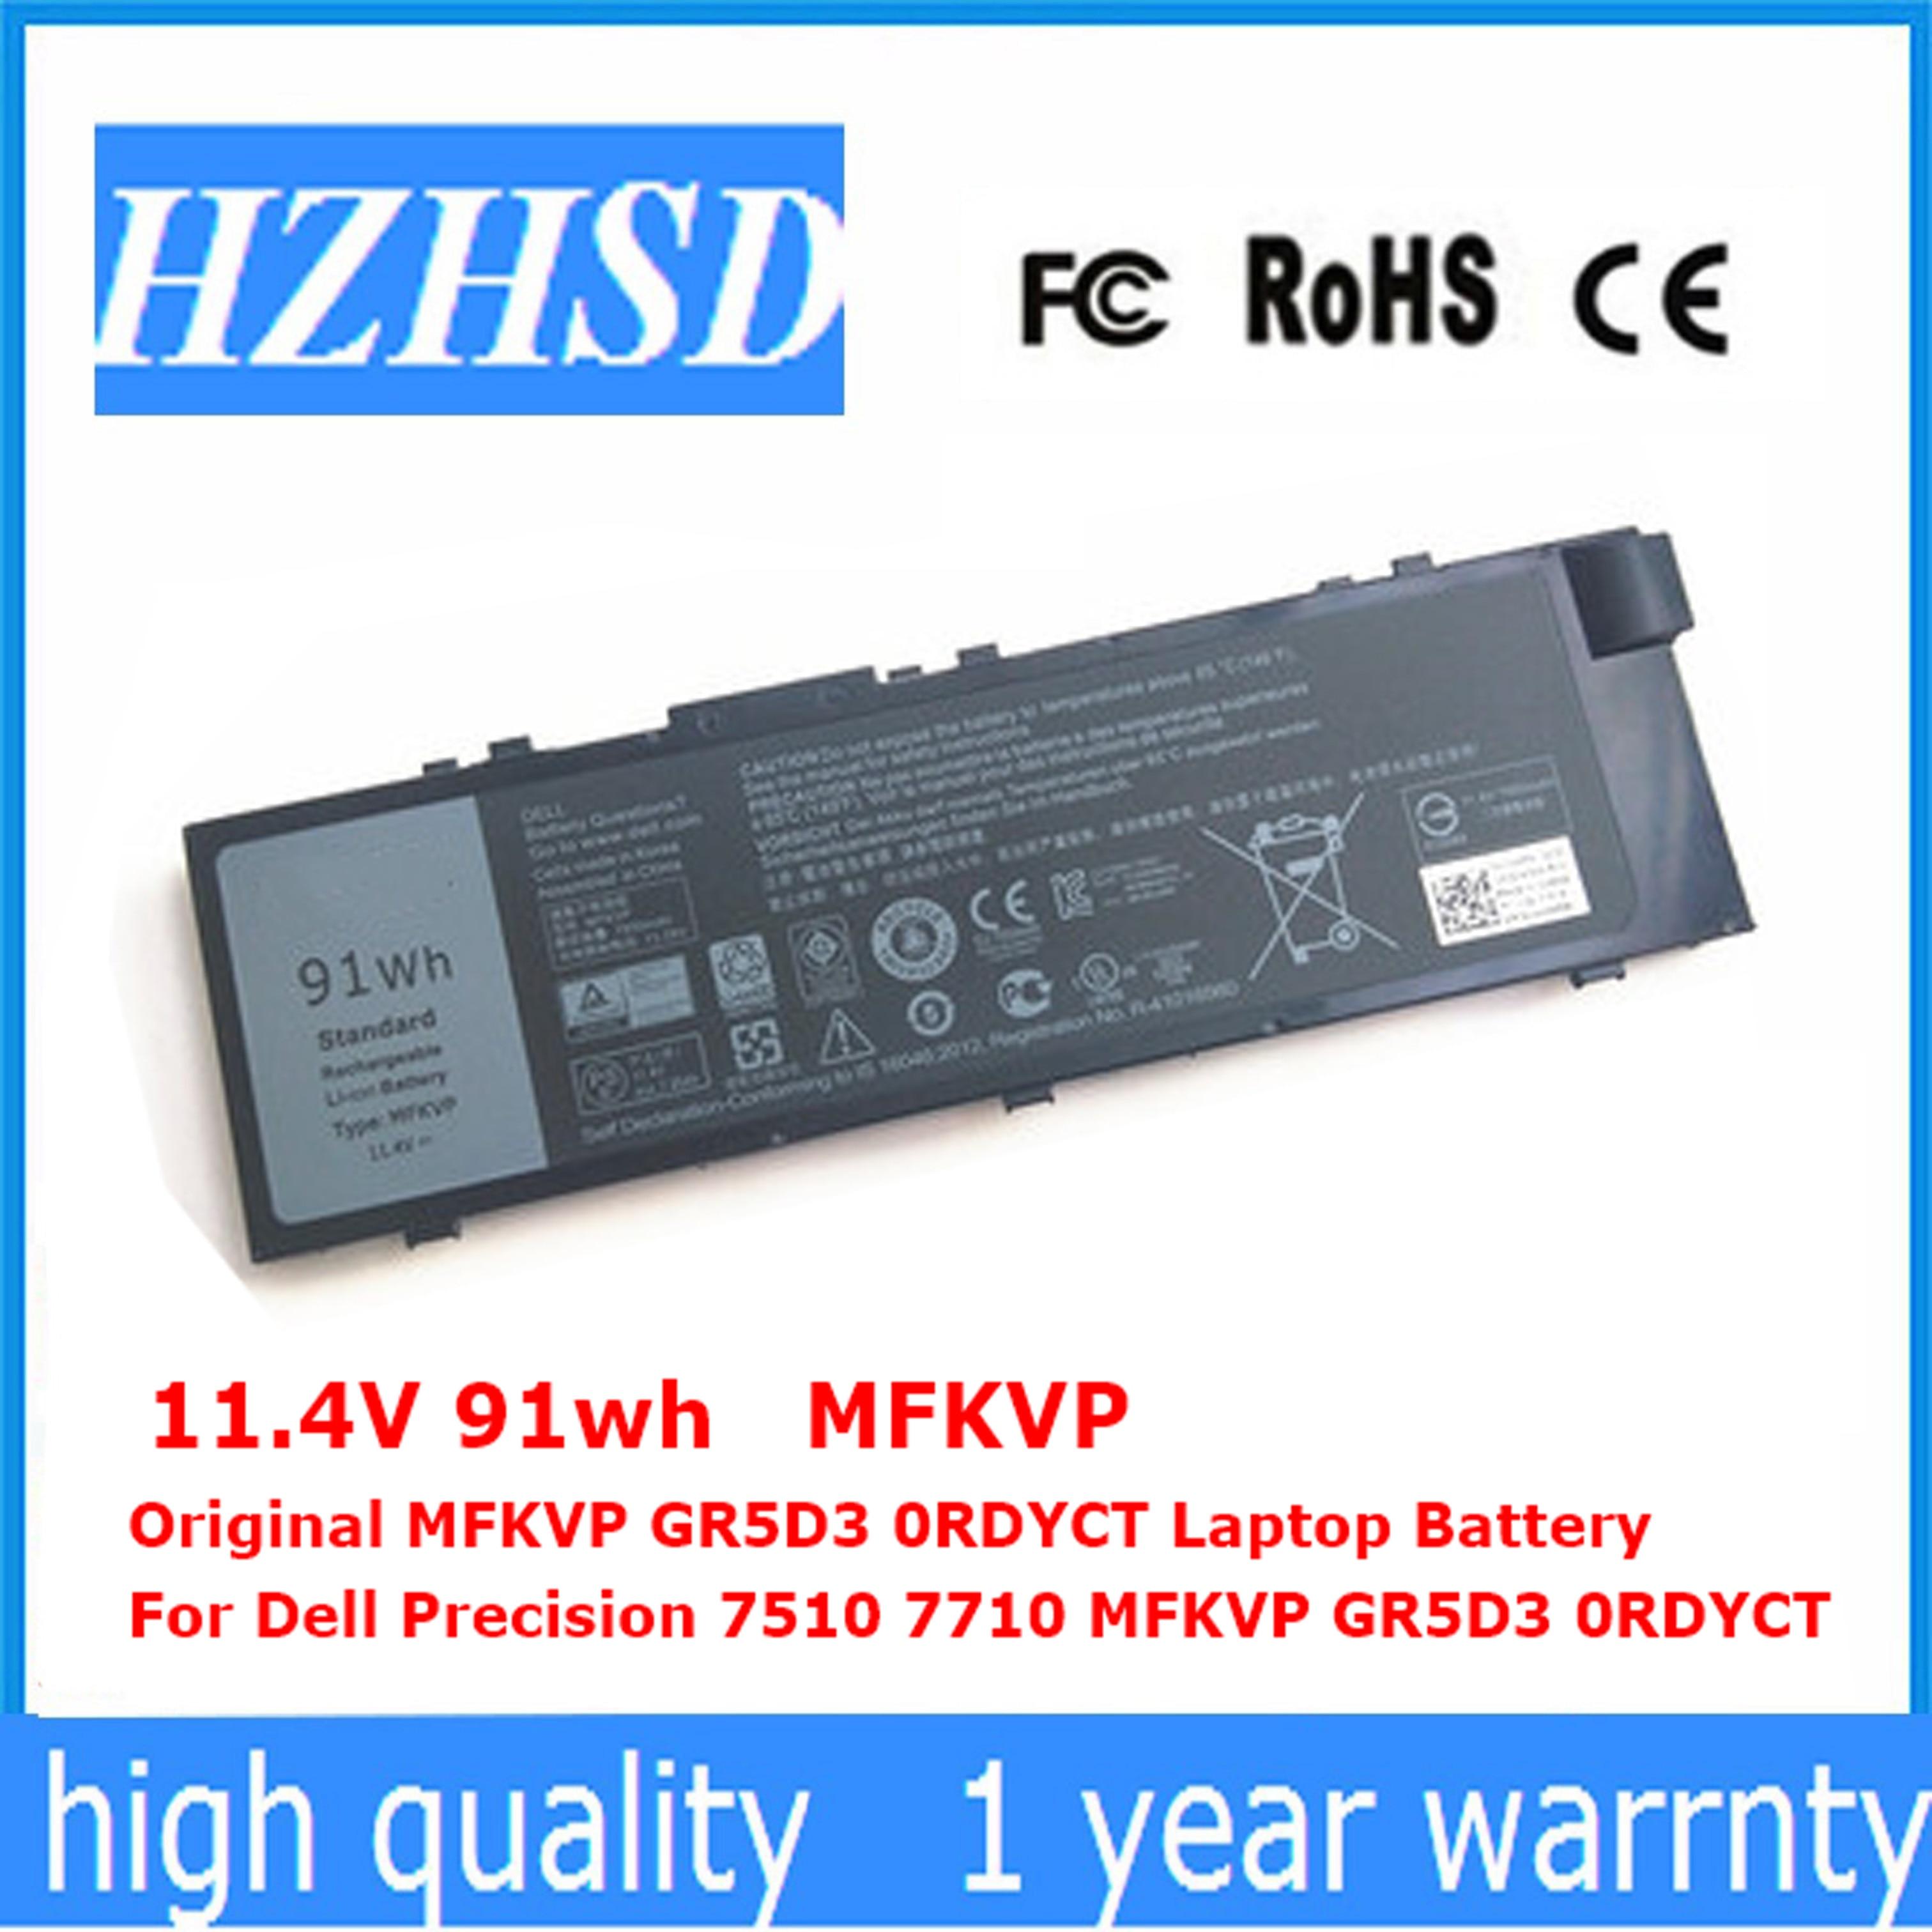 11.4V 91wh MFKVP Original MFKVP GR5D3 0RDYCT Laptop Battery For Dell Precision 7510 7710 MFKVP GR5D3